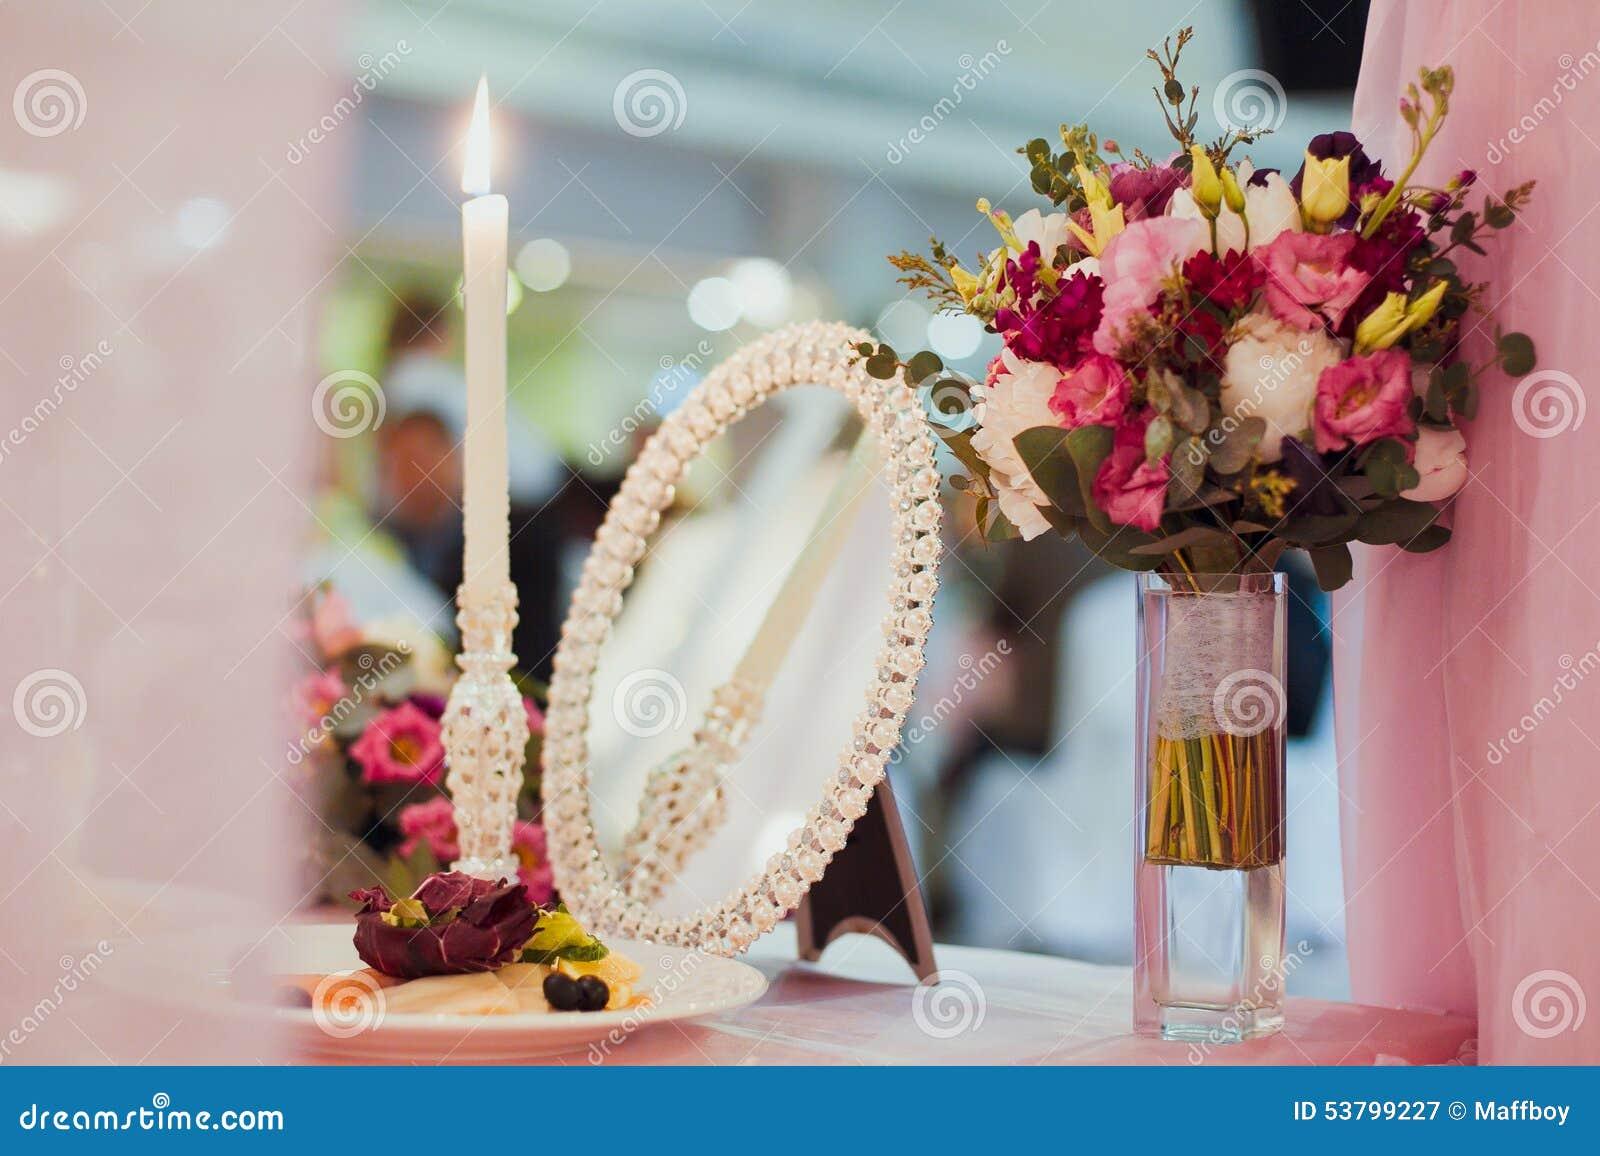 Tabla de la decoración de la boda